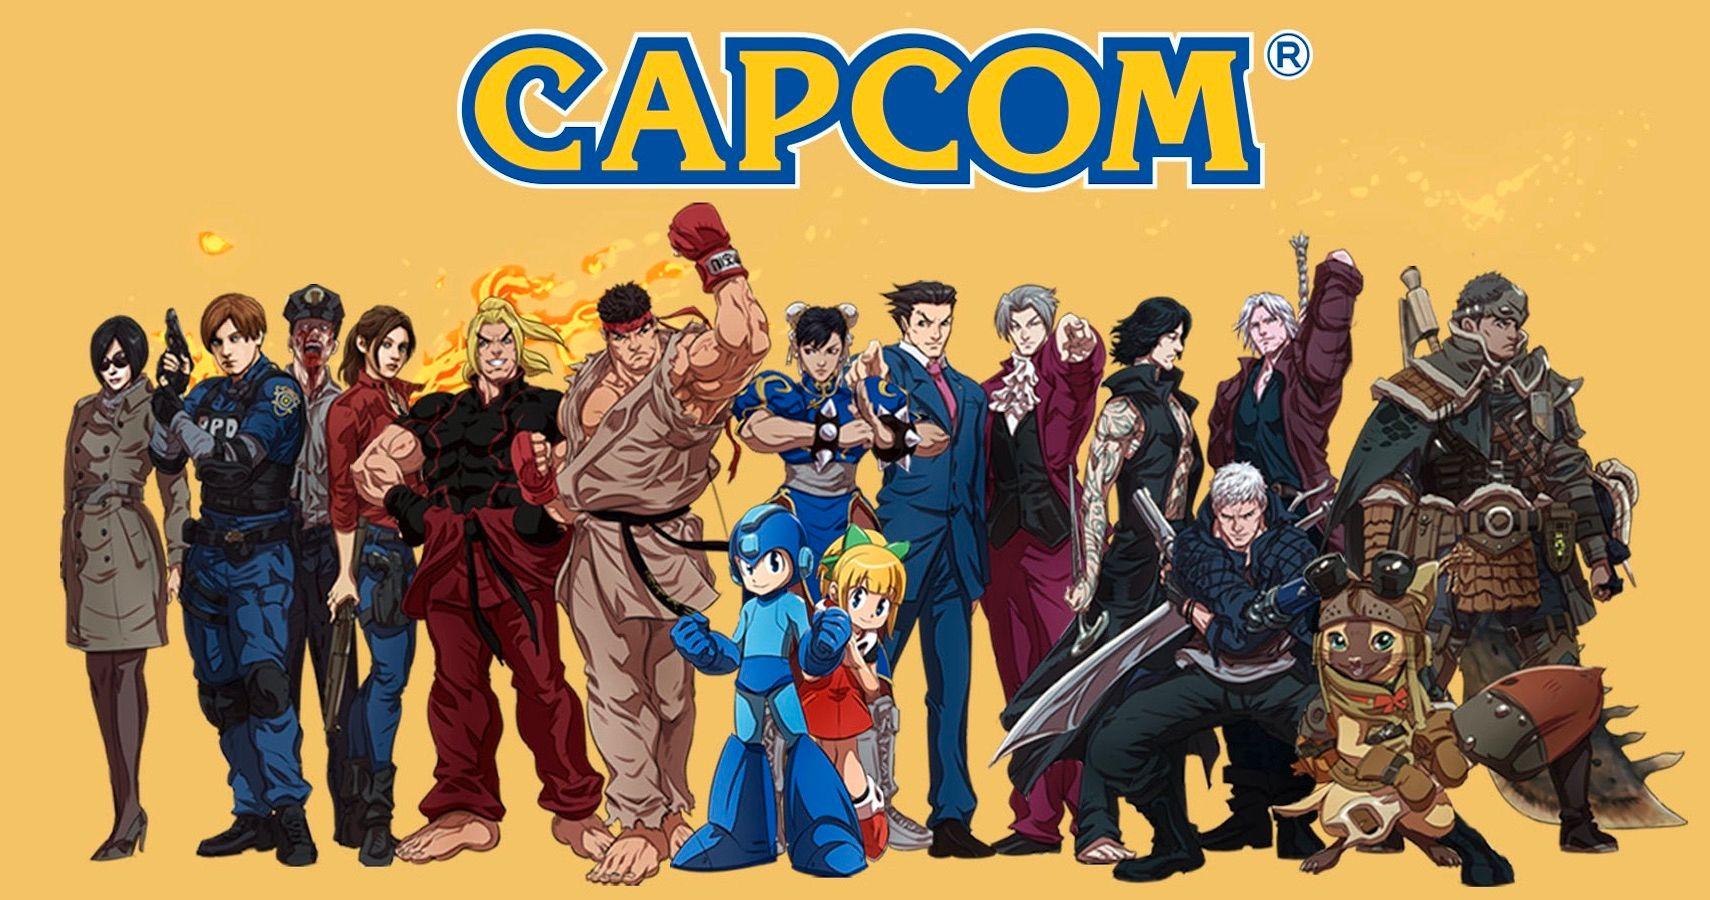 Capcom khẳng định muốn biến nền tảng PC thành sân chơi chính của mình - Ảnh 1.